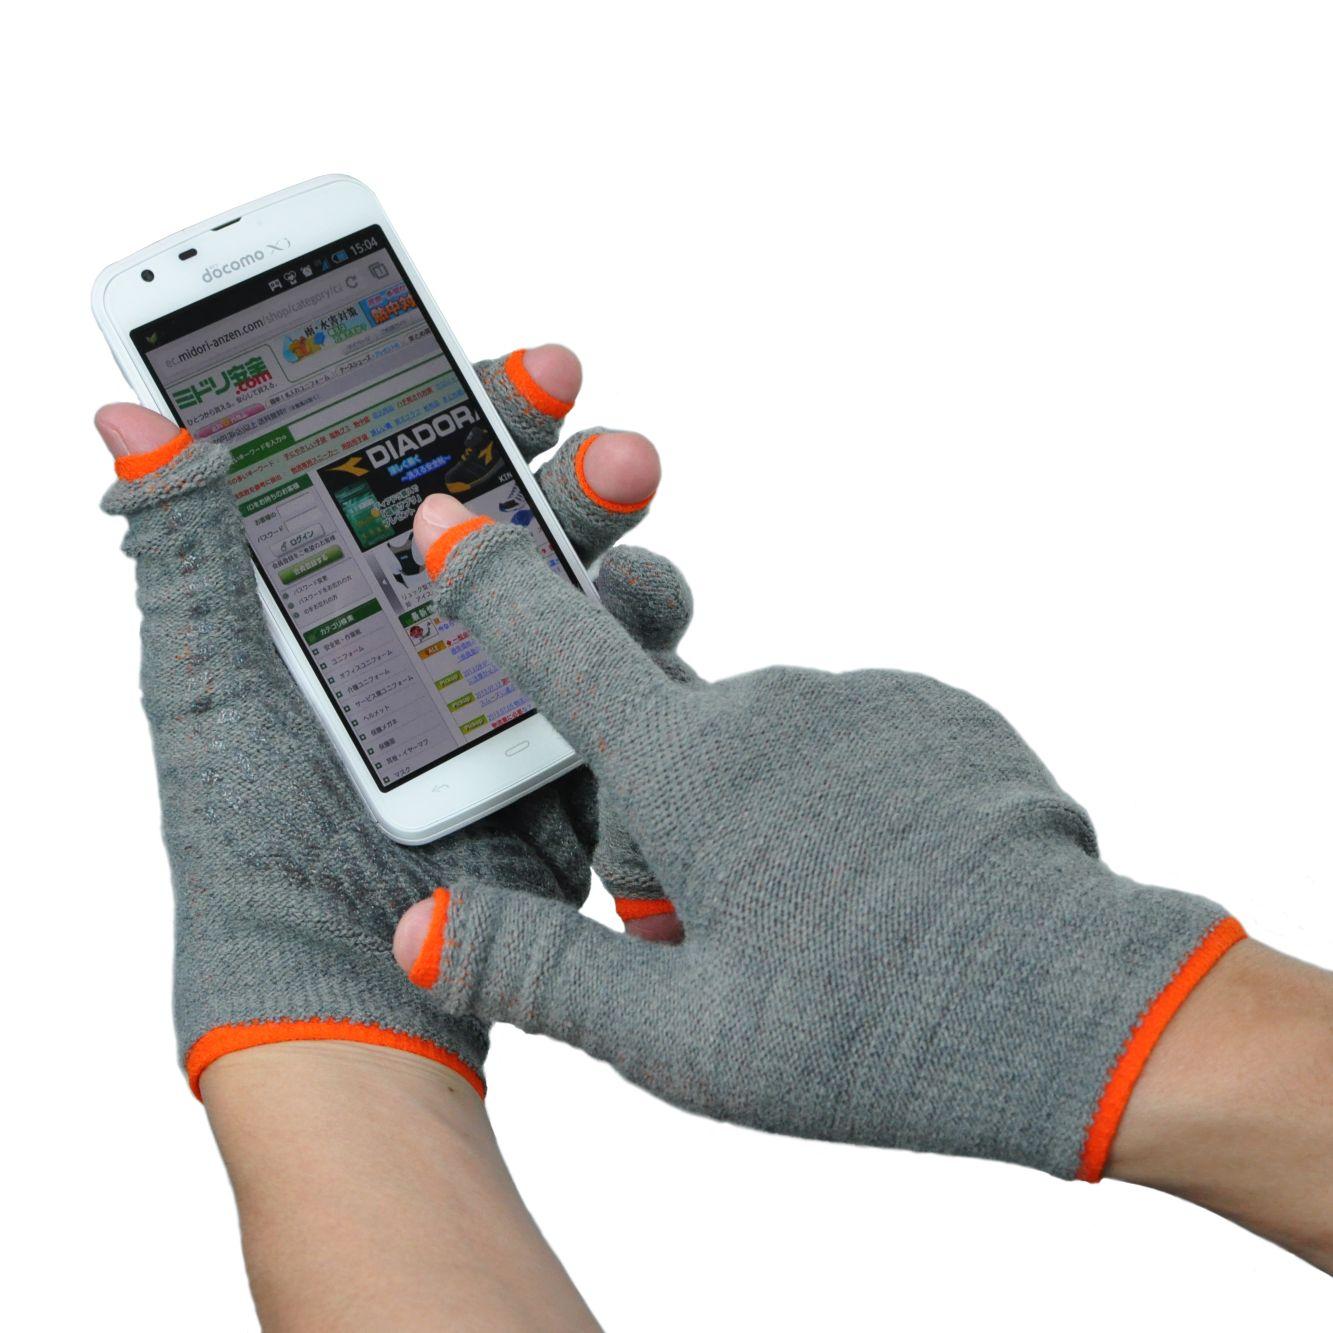 ワンコインで今年もあったか 物流業界でも好評、滑り止め付きスマホ手袋 第2弾 「あったかスライドタッチ手袋Ⅱ」 2013年8月21日より新発売